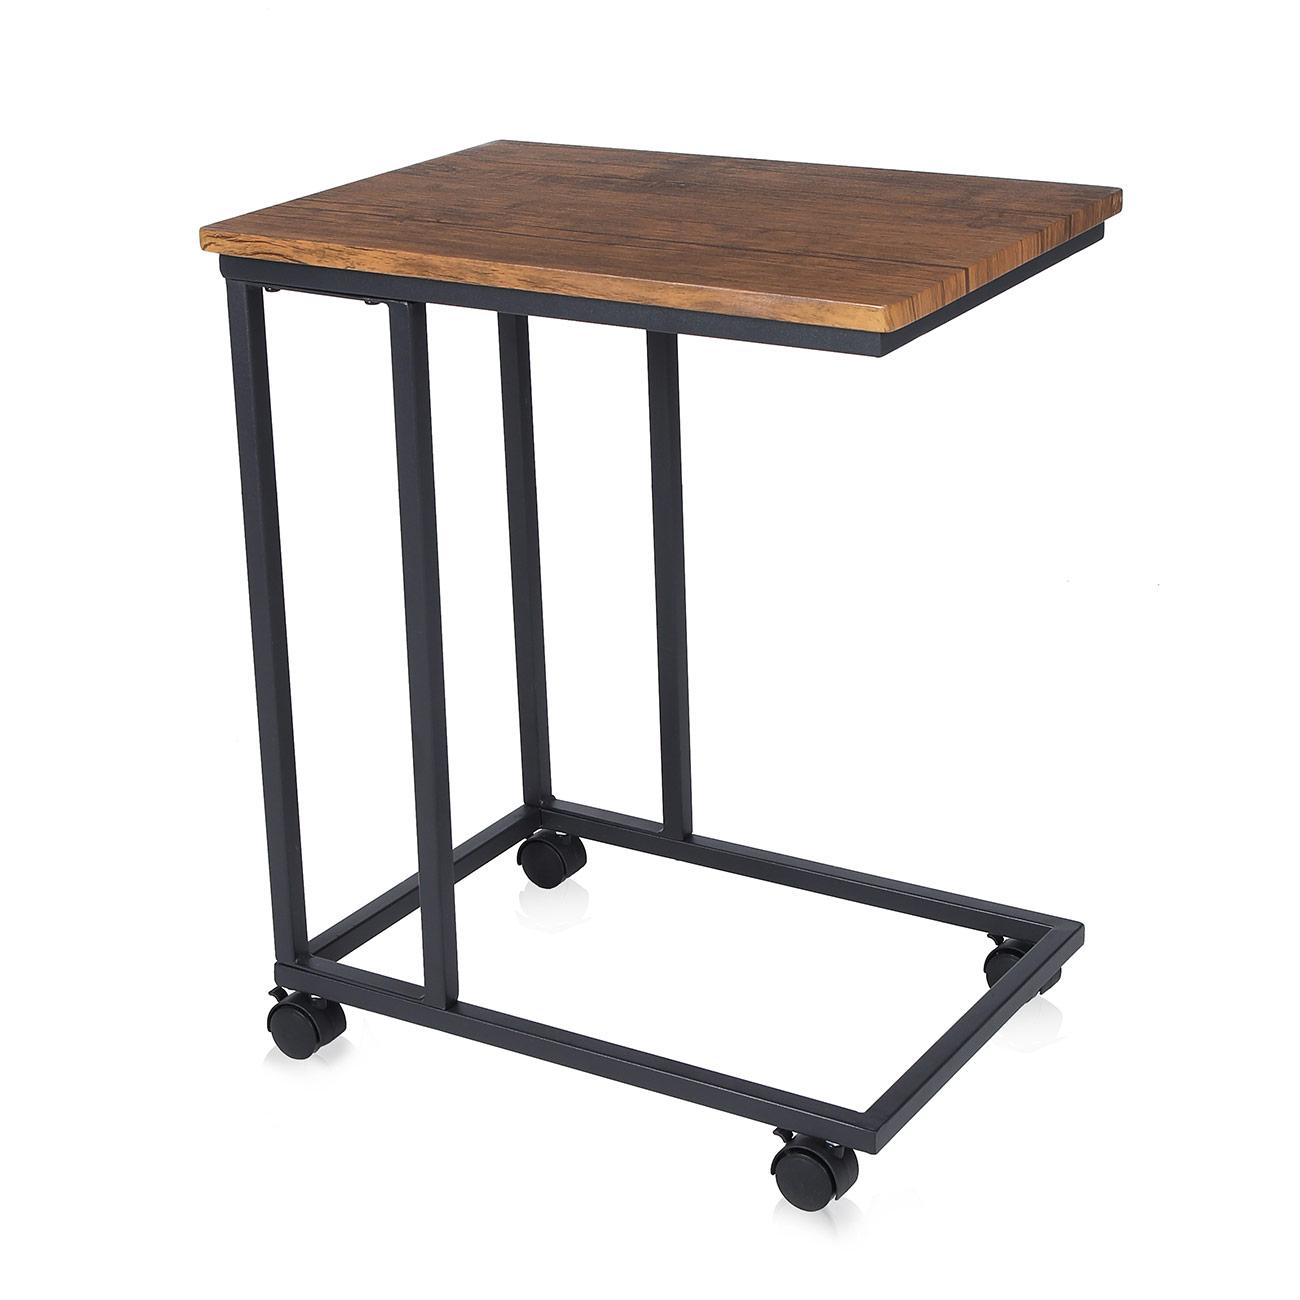 Tavolino Da Caff.Makika Design Vintage Tavolino Da Caffe Tavolino Mobile Comodino Con 2 Diverse Ruote Con E Senza Freno